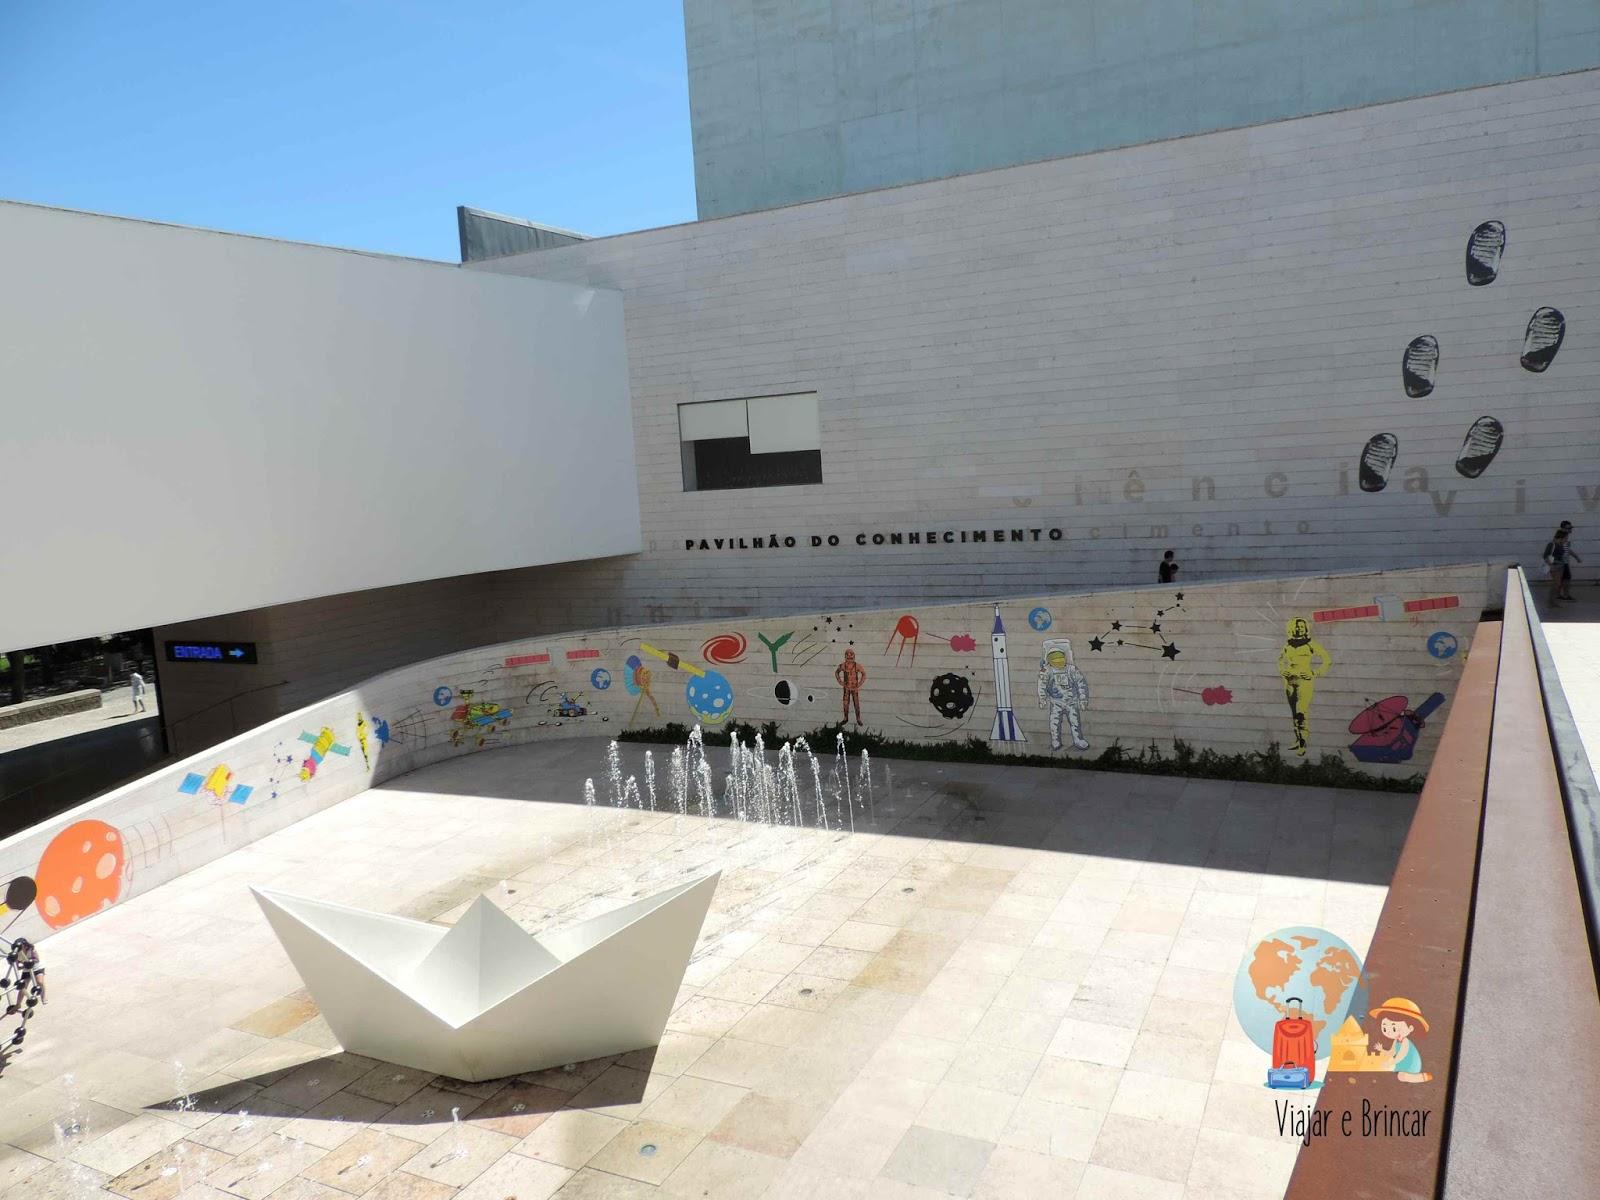 Entrada do Pavilhão do Conhecimento em Lisboa